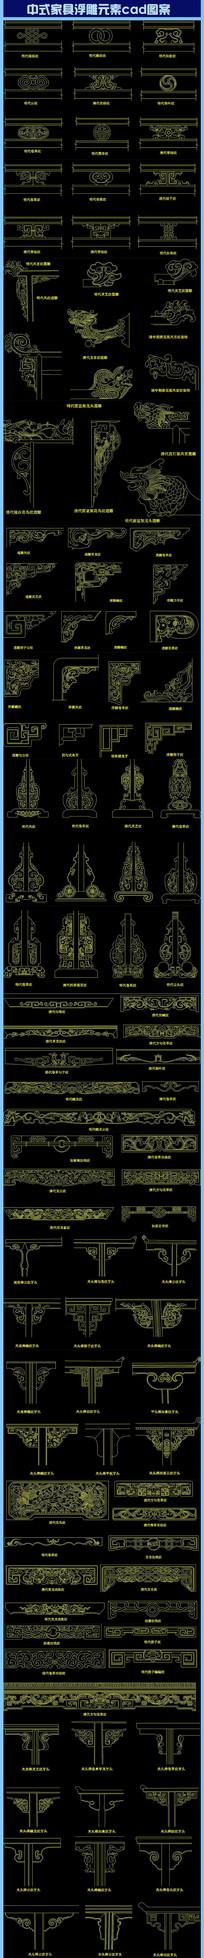 中式家具浮雕元素cad图案